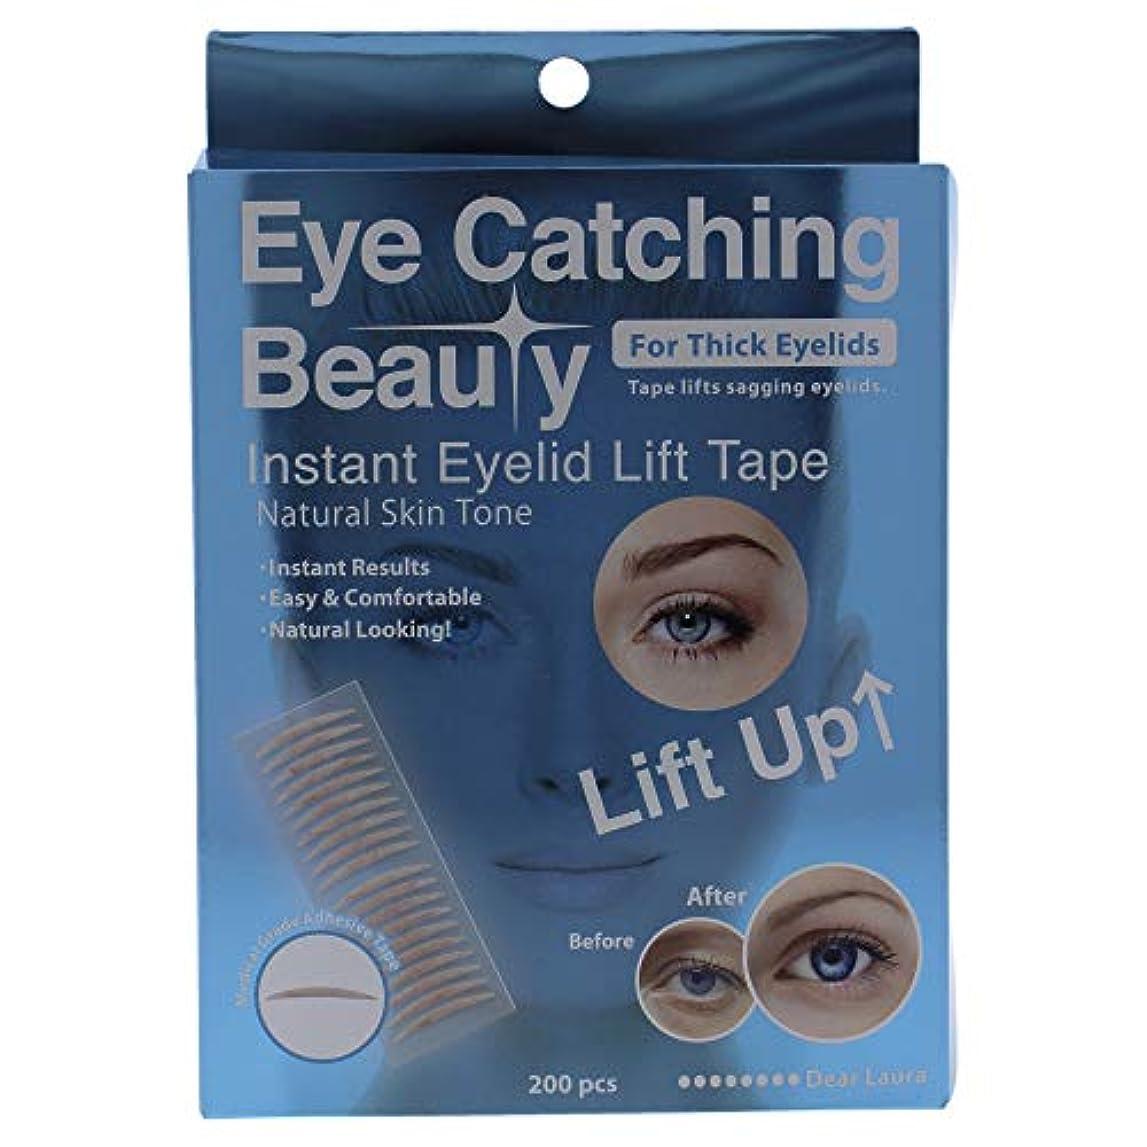 性的サイドボード外部Eye Catching Beauty Instant Eyelid Lift Tape